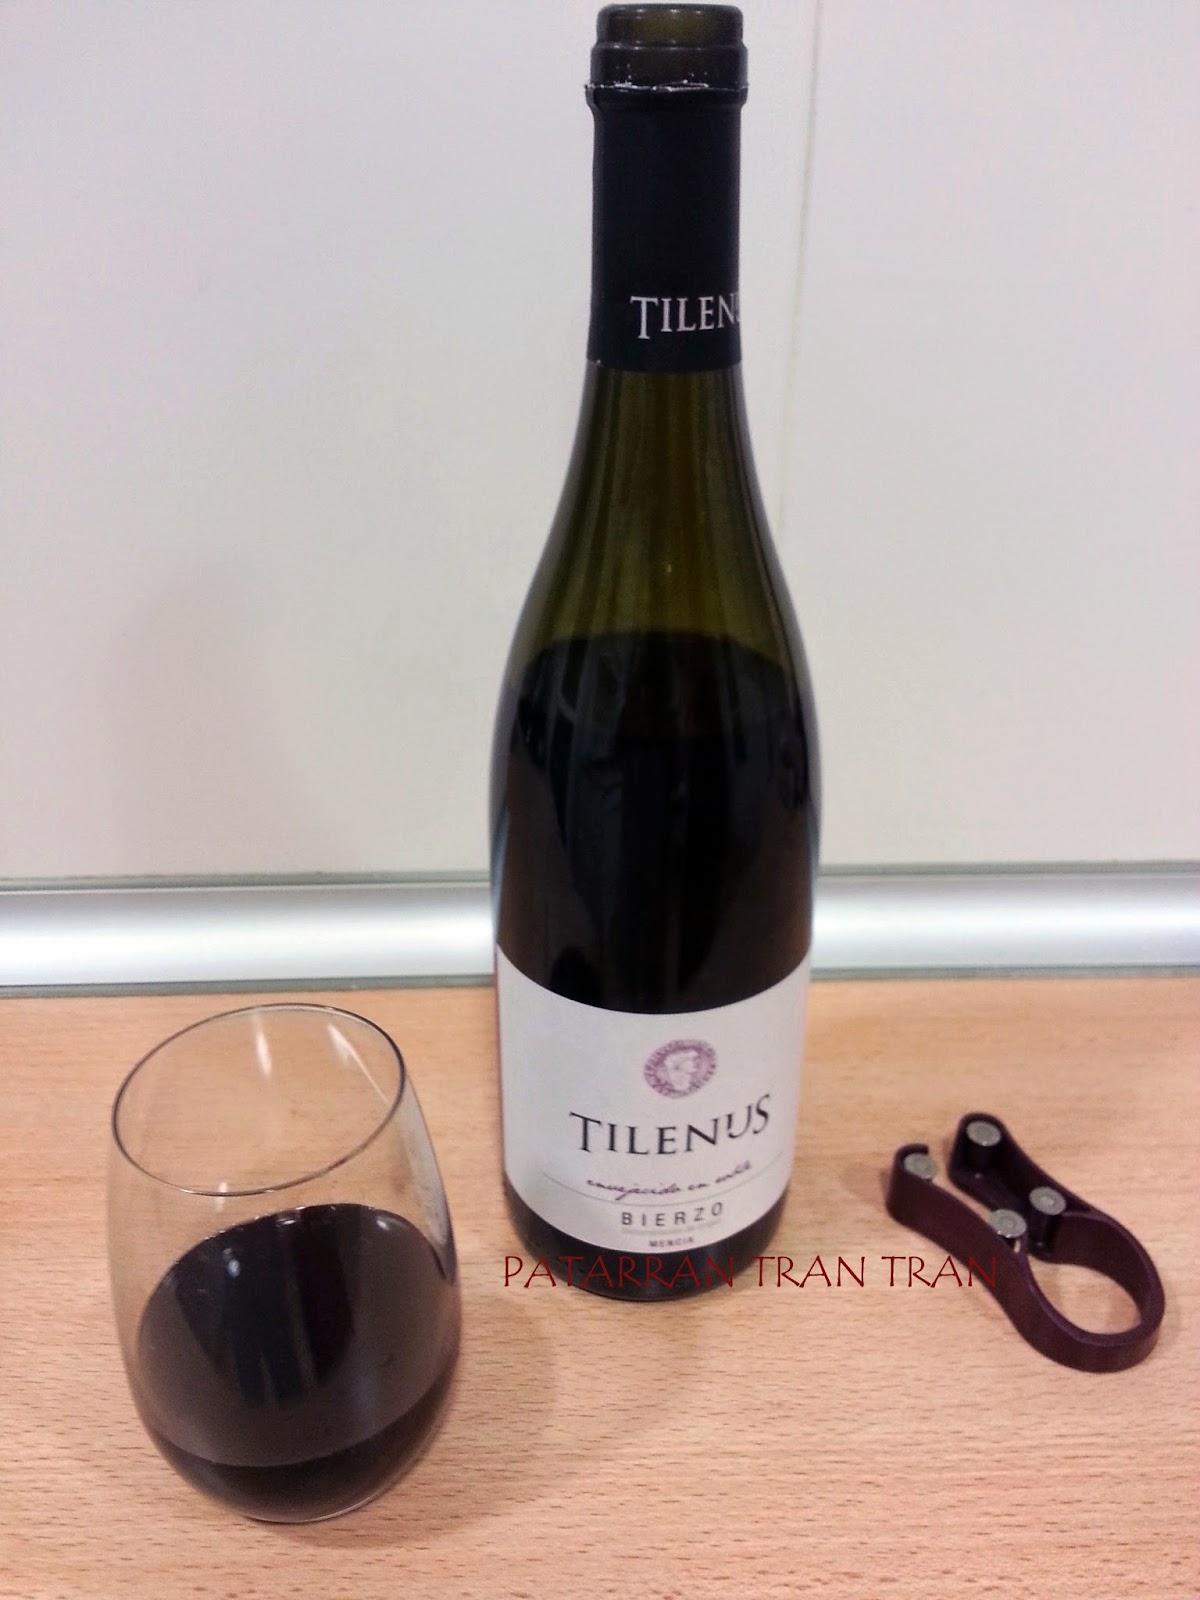 Tilenus 2010